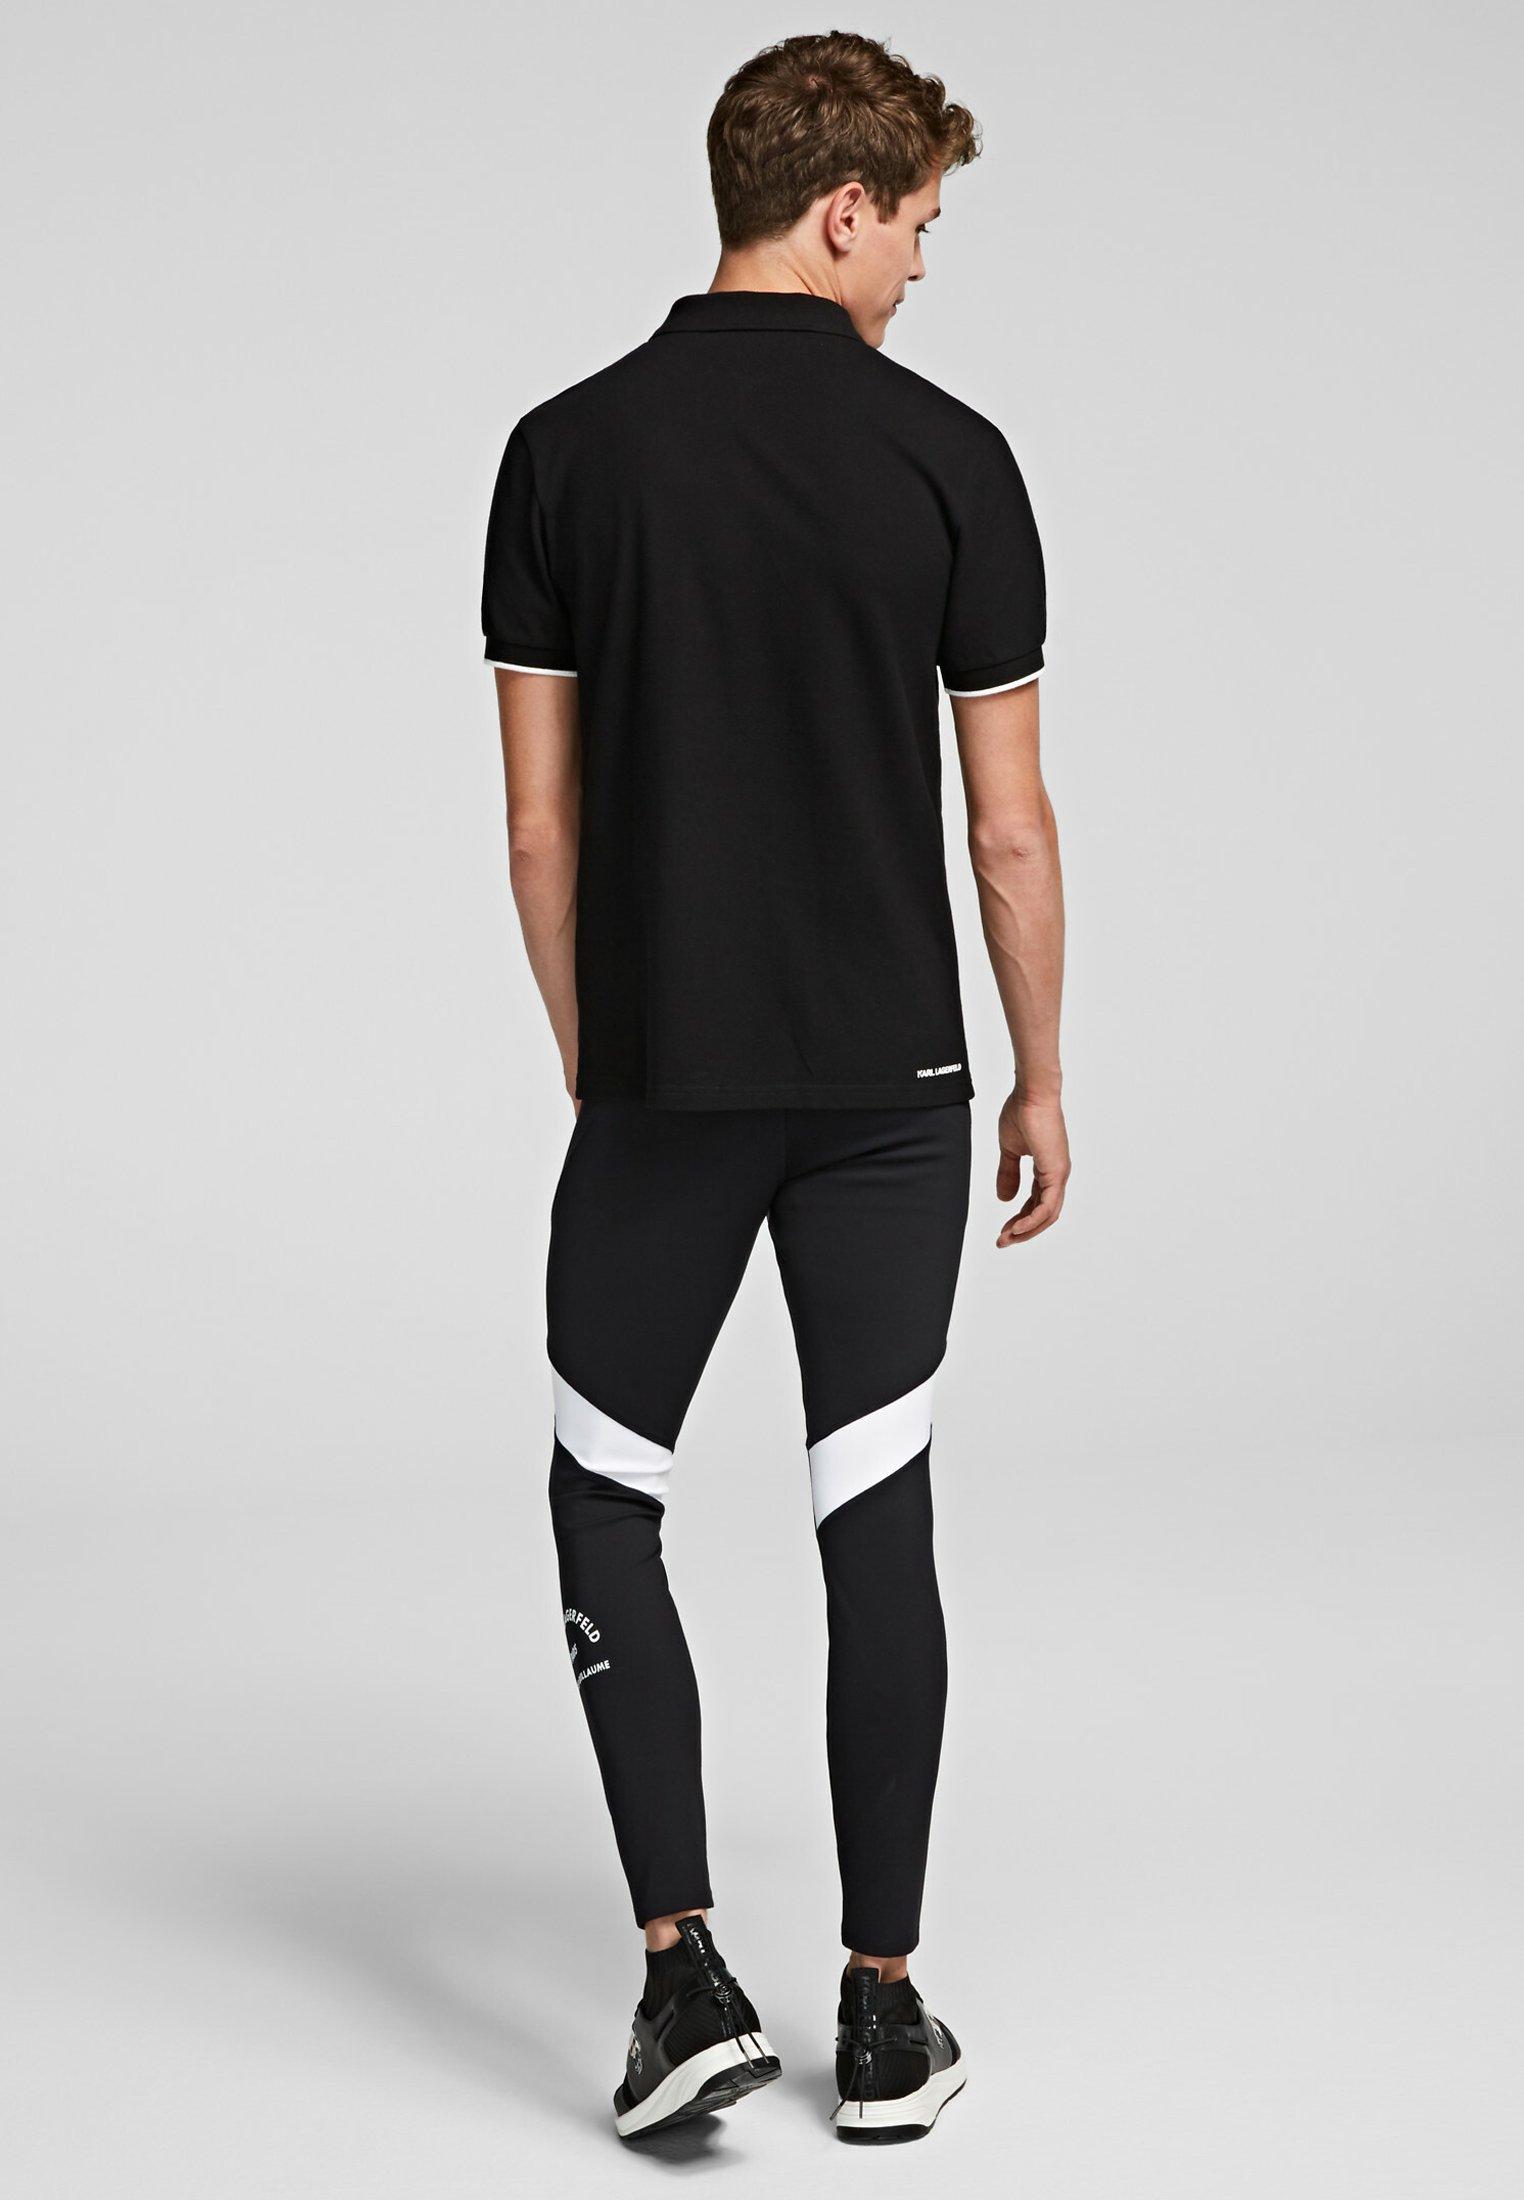 KARL LAGERFELD Spodnie treningowe - black